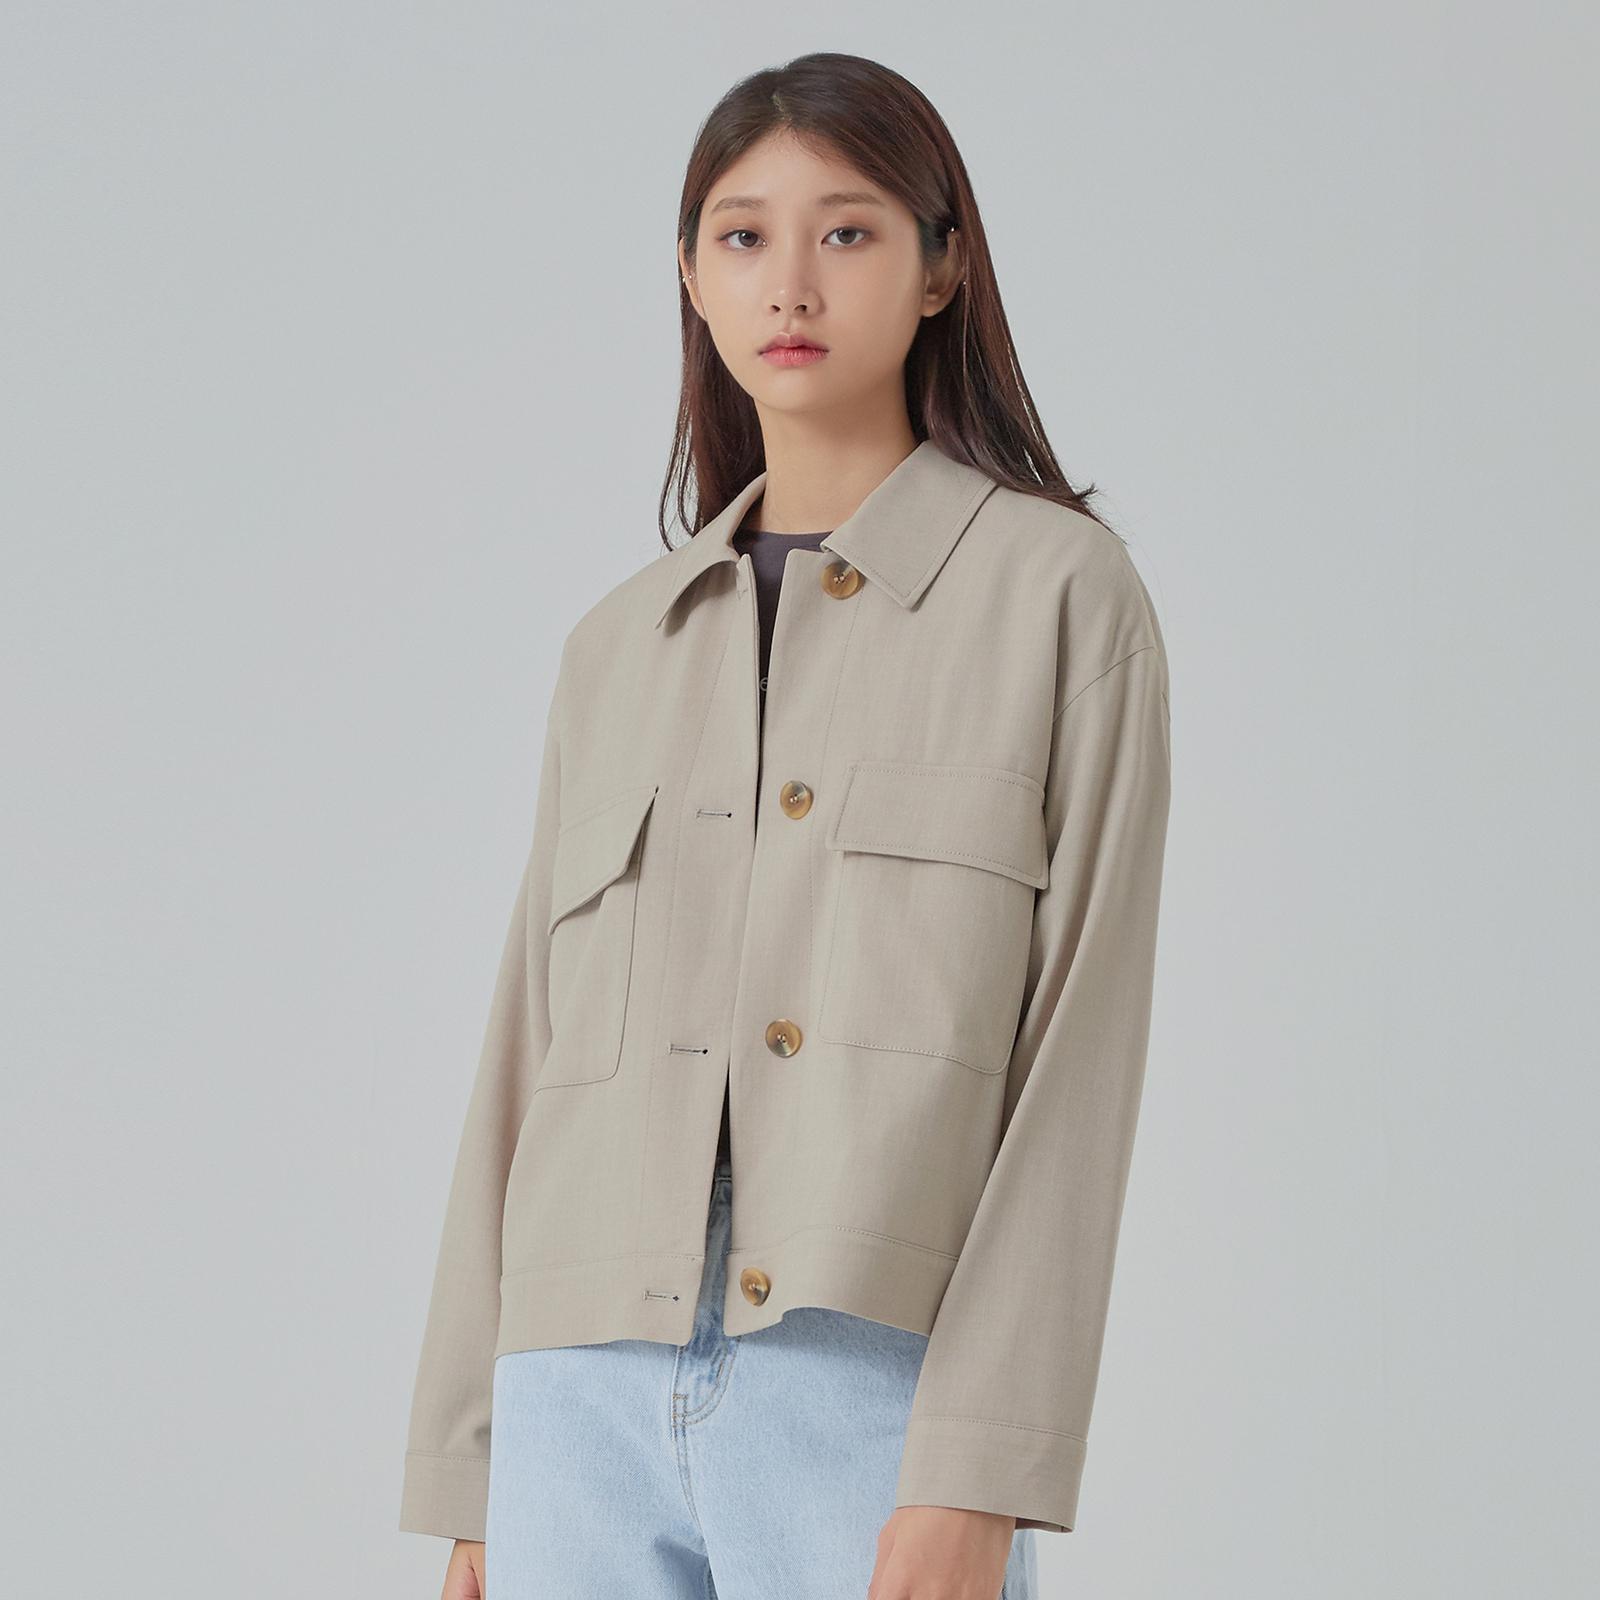 미쏘 여성용 숏 트러커 재킷